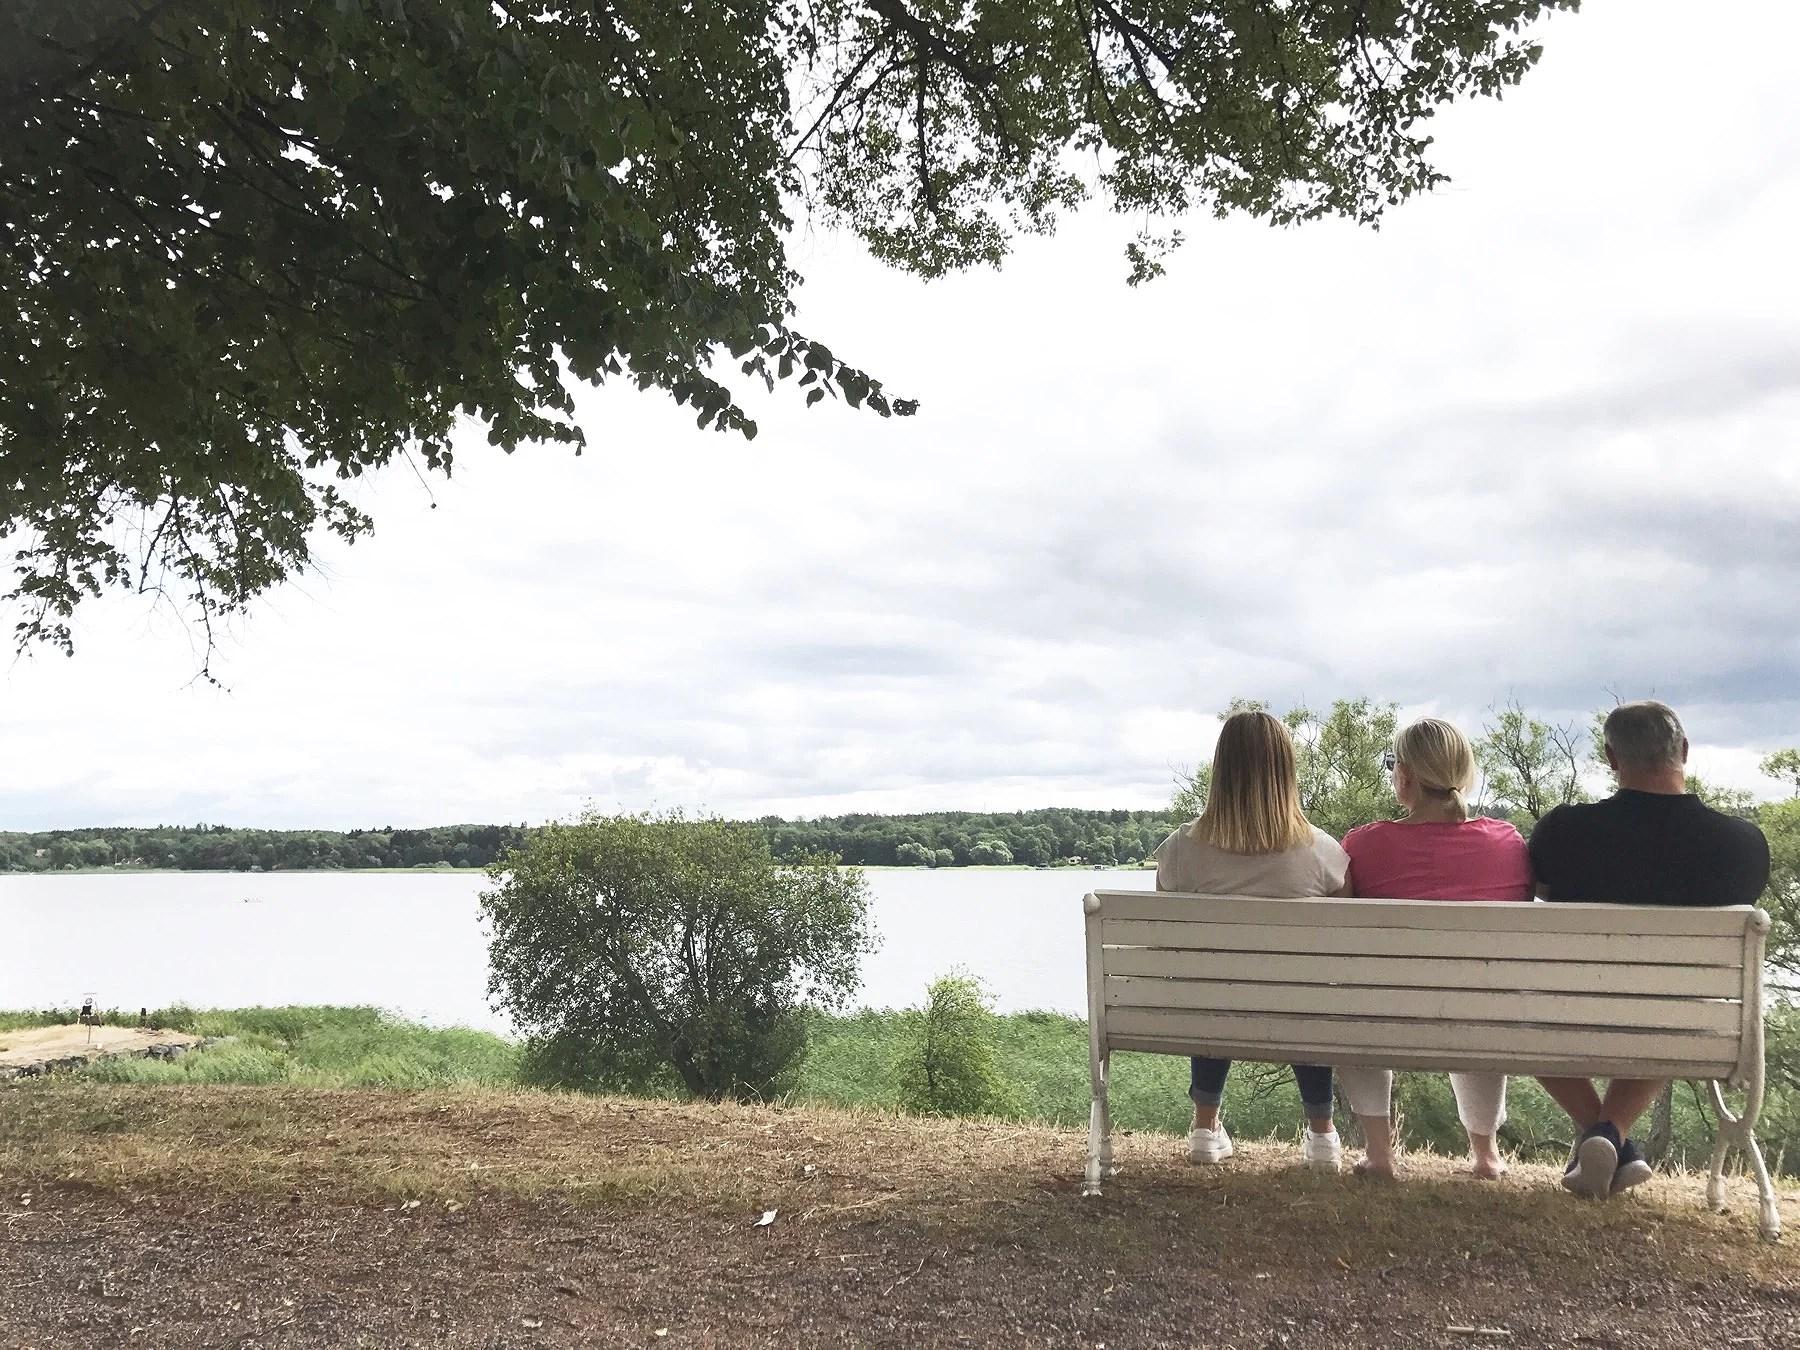 SKOKLOSTER & TÄBYCENTER